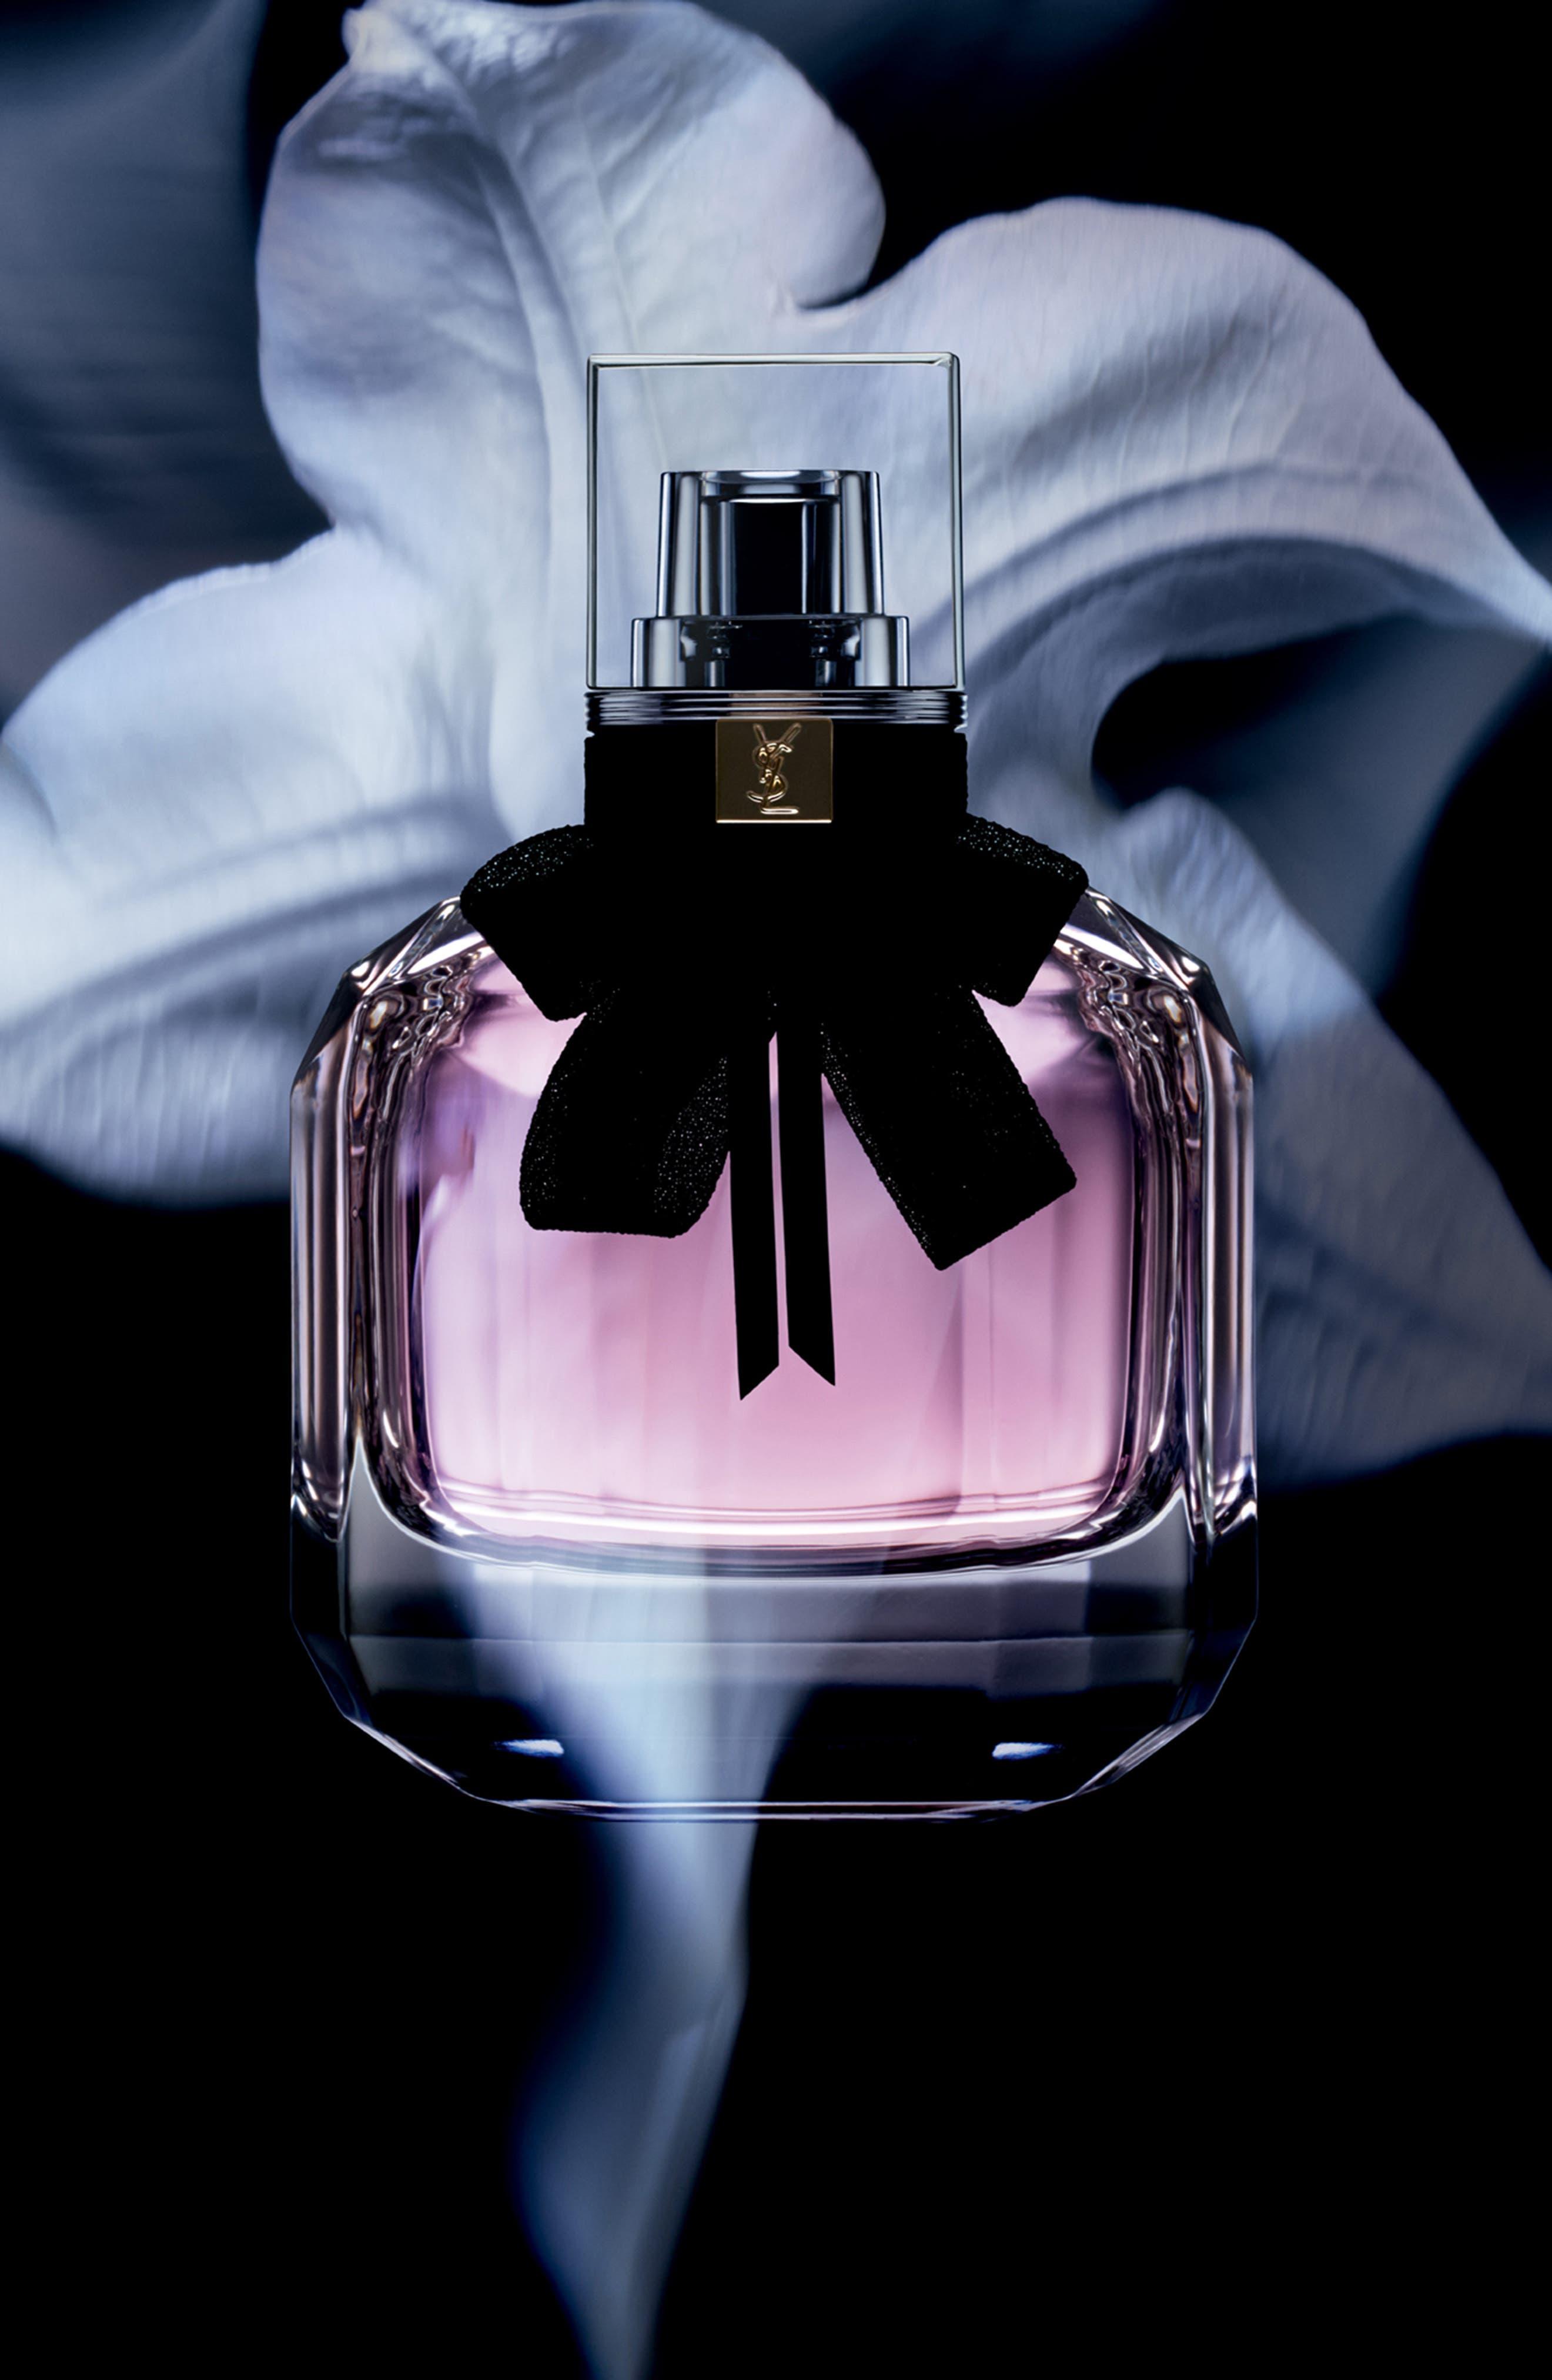 Alternate Image 2  - Yves Saint Laurent Mon Paris Eau de Parfum Set (Limited Edition) ($192 Value)